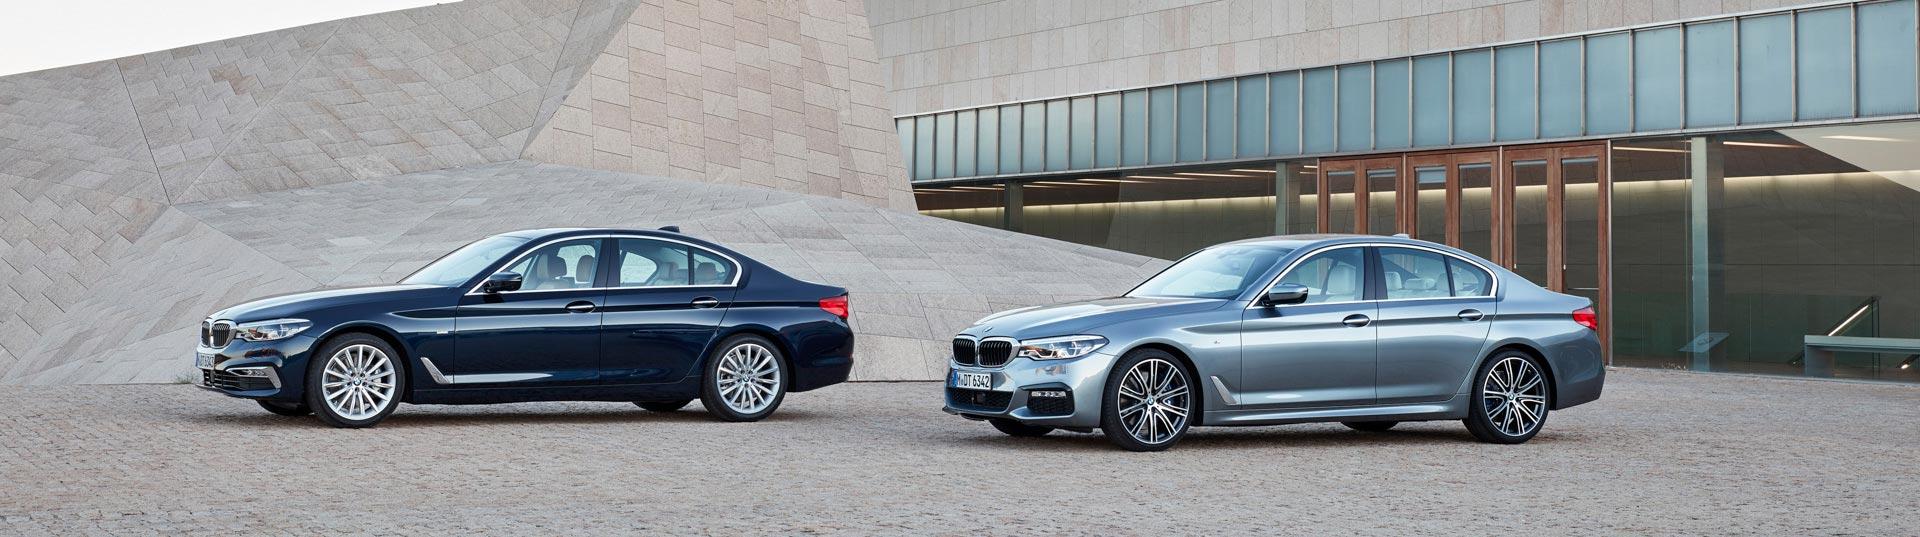 Novo BMW Serie 5